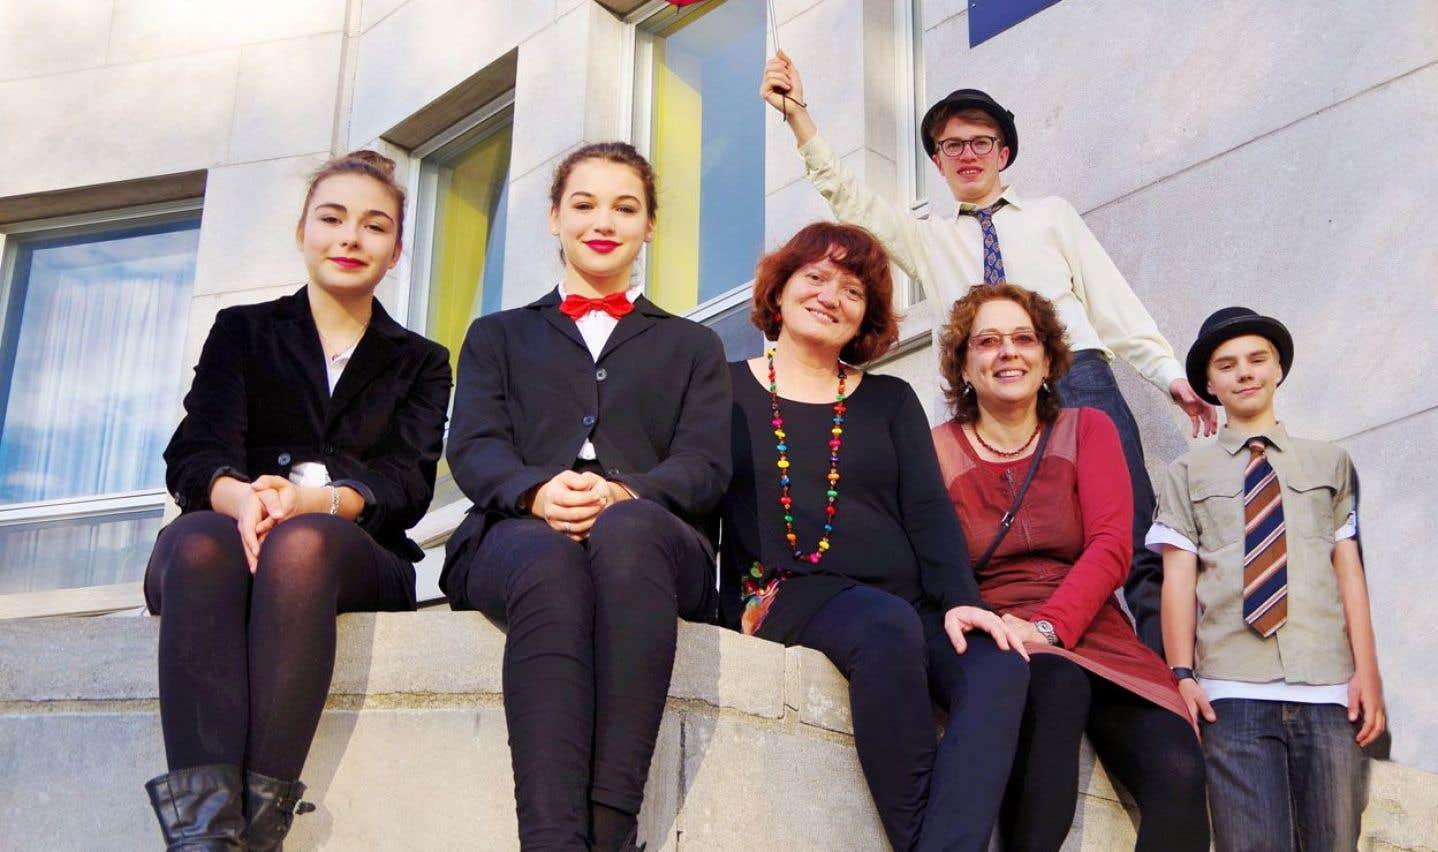 Les élèves du collège Stanislas ont relevé le défi d'une course à relais entre Montréal et Québec. Ce grand moment de camaraderie a lancé les festivités du 25e anniversaire du campus à Québec.